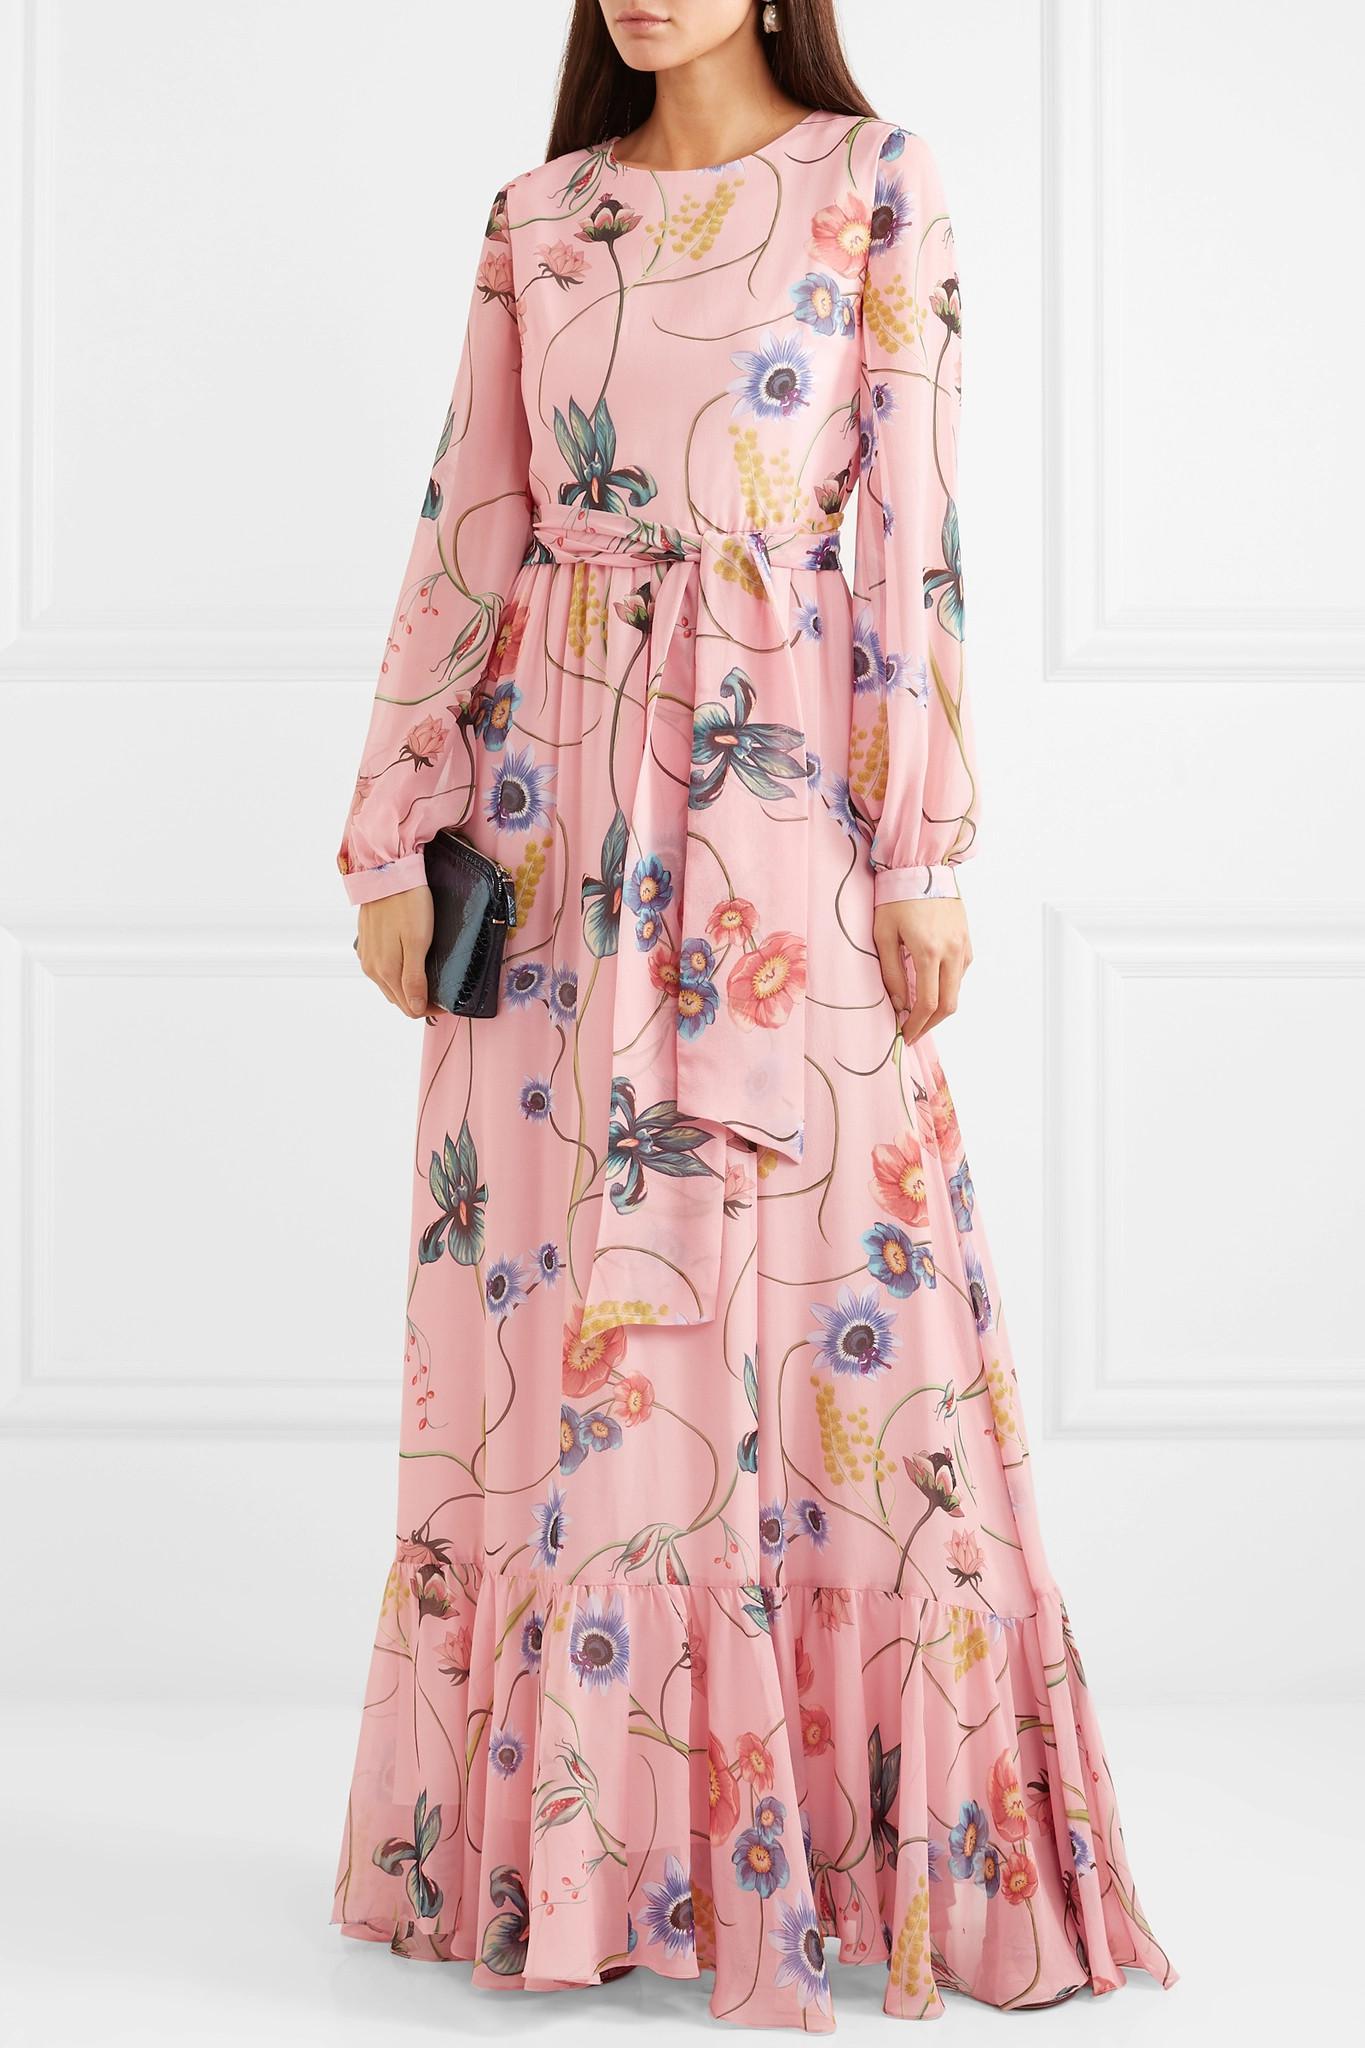 borgo de nor floral print silk crepe maxi dress